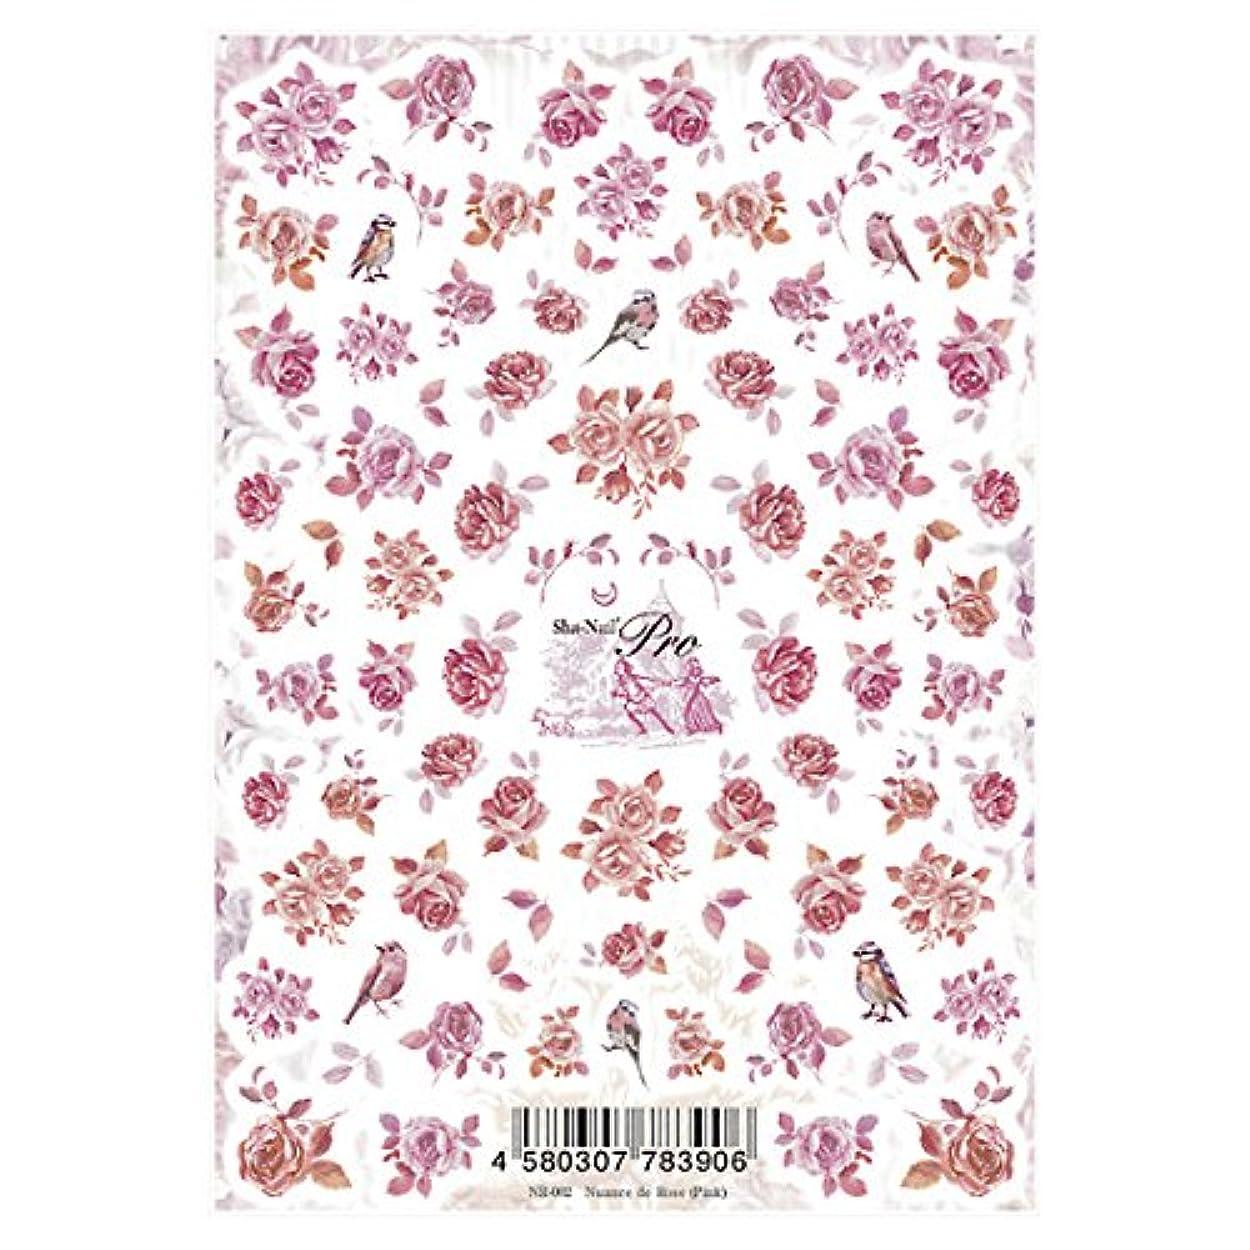 決めますベッツィトロットウッド必要ない写ネイルプロ ネイルシール ニュアンスローズ ピンク アート材